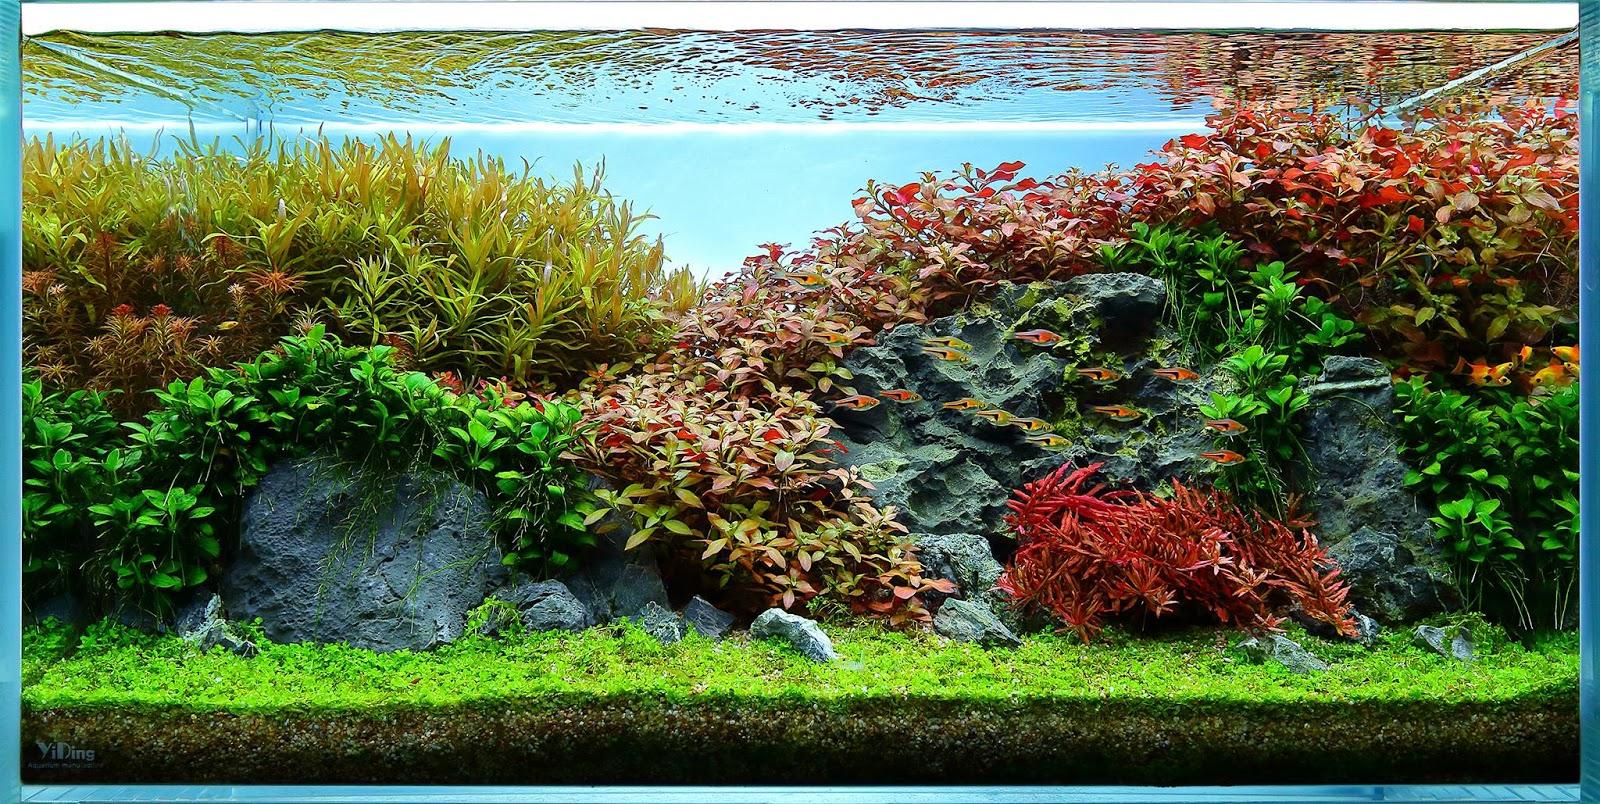 Một bố cục hồ thủy sinh dùng nhiều ráy nana ở góc bên trái